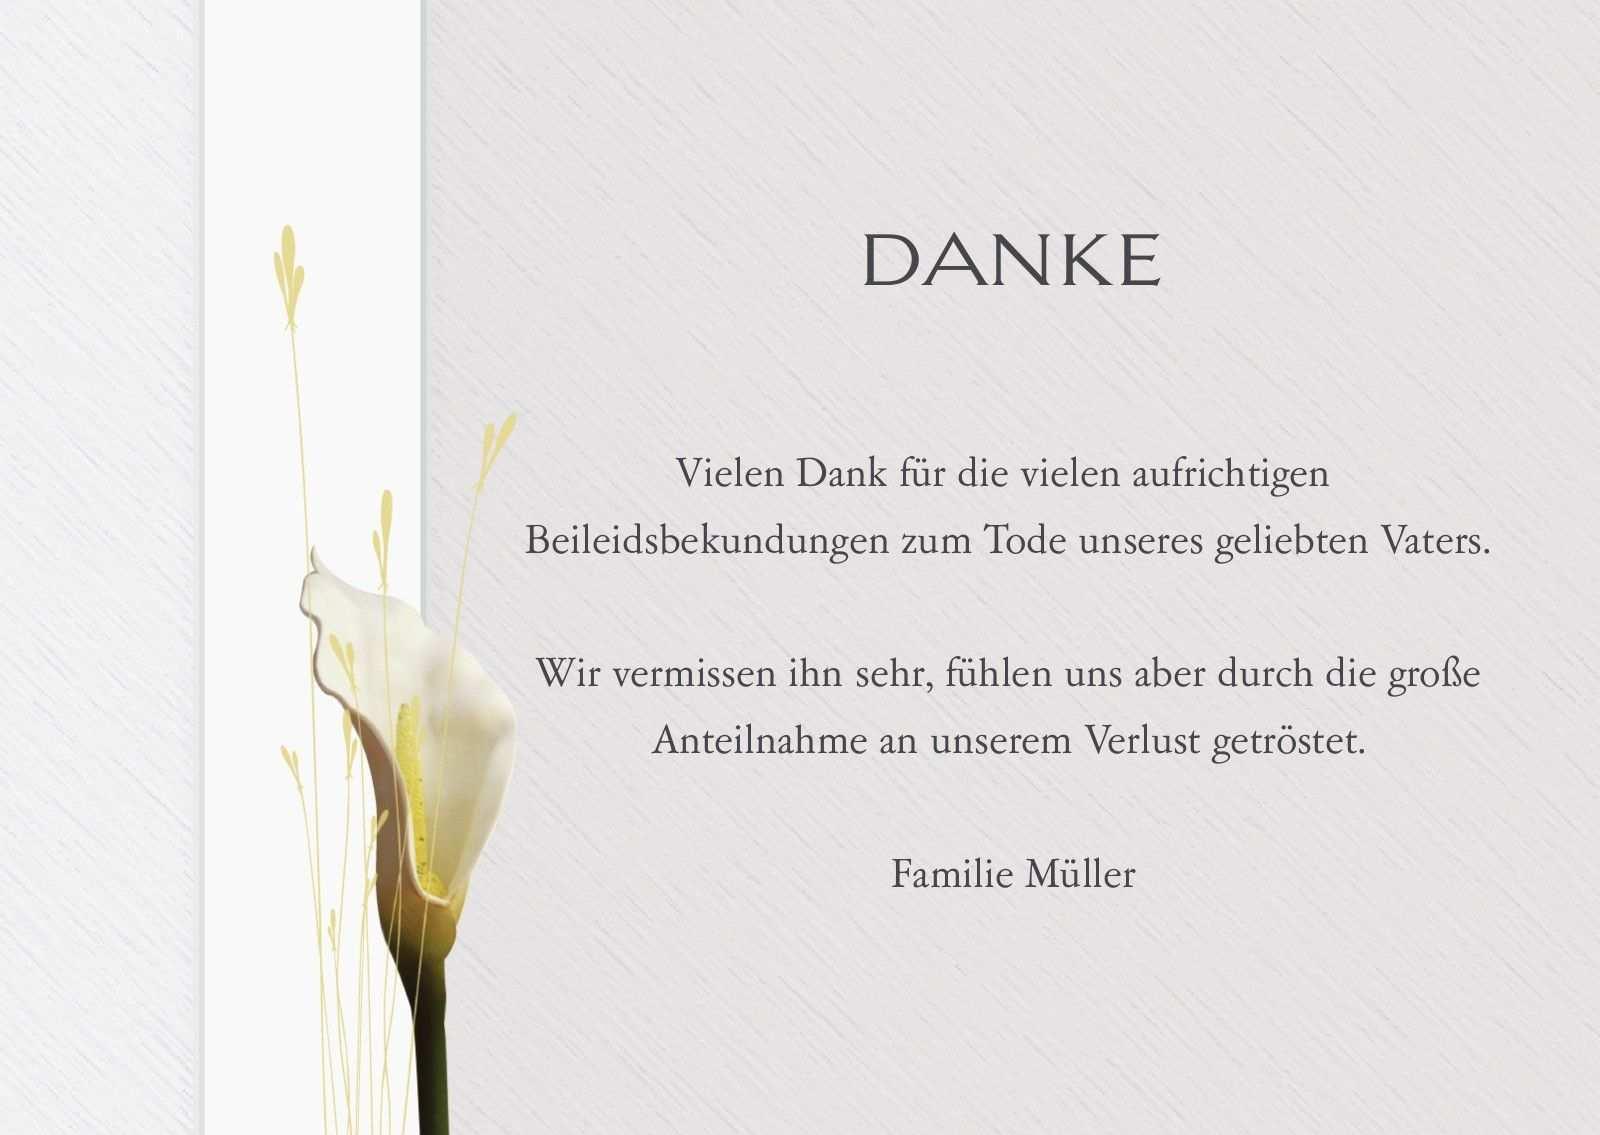 Trauer Dankeskarten Optimalprint Danksagungen Trauer Dankeskarten Trauer Danksagung Trauerfall